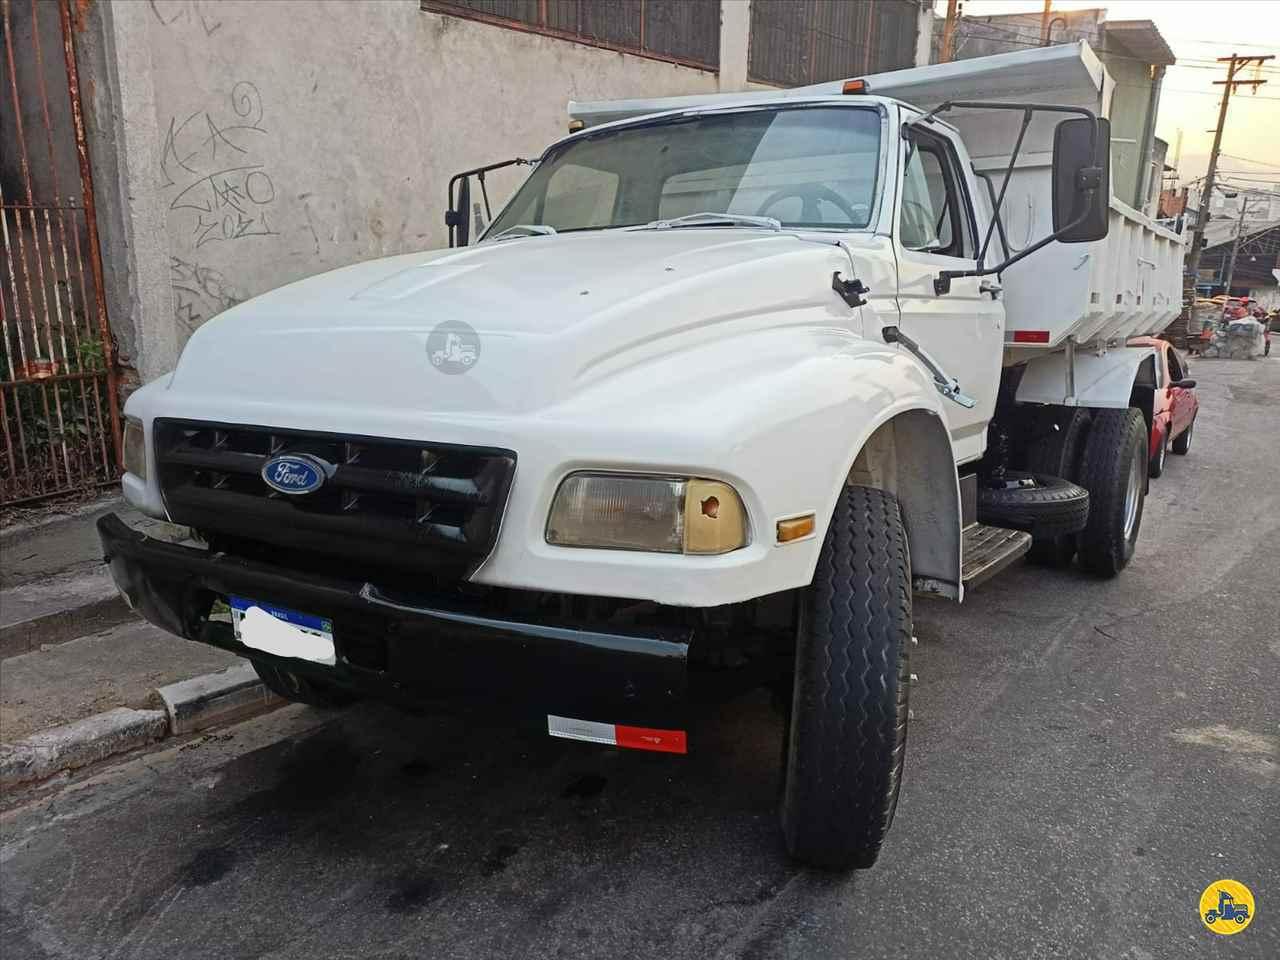 CAMINHAO FORD F12000 Caçamba Basculante Toco 4x2 Wilson Caminhões RIBEIRAO PIRES SÃO PAULO SP